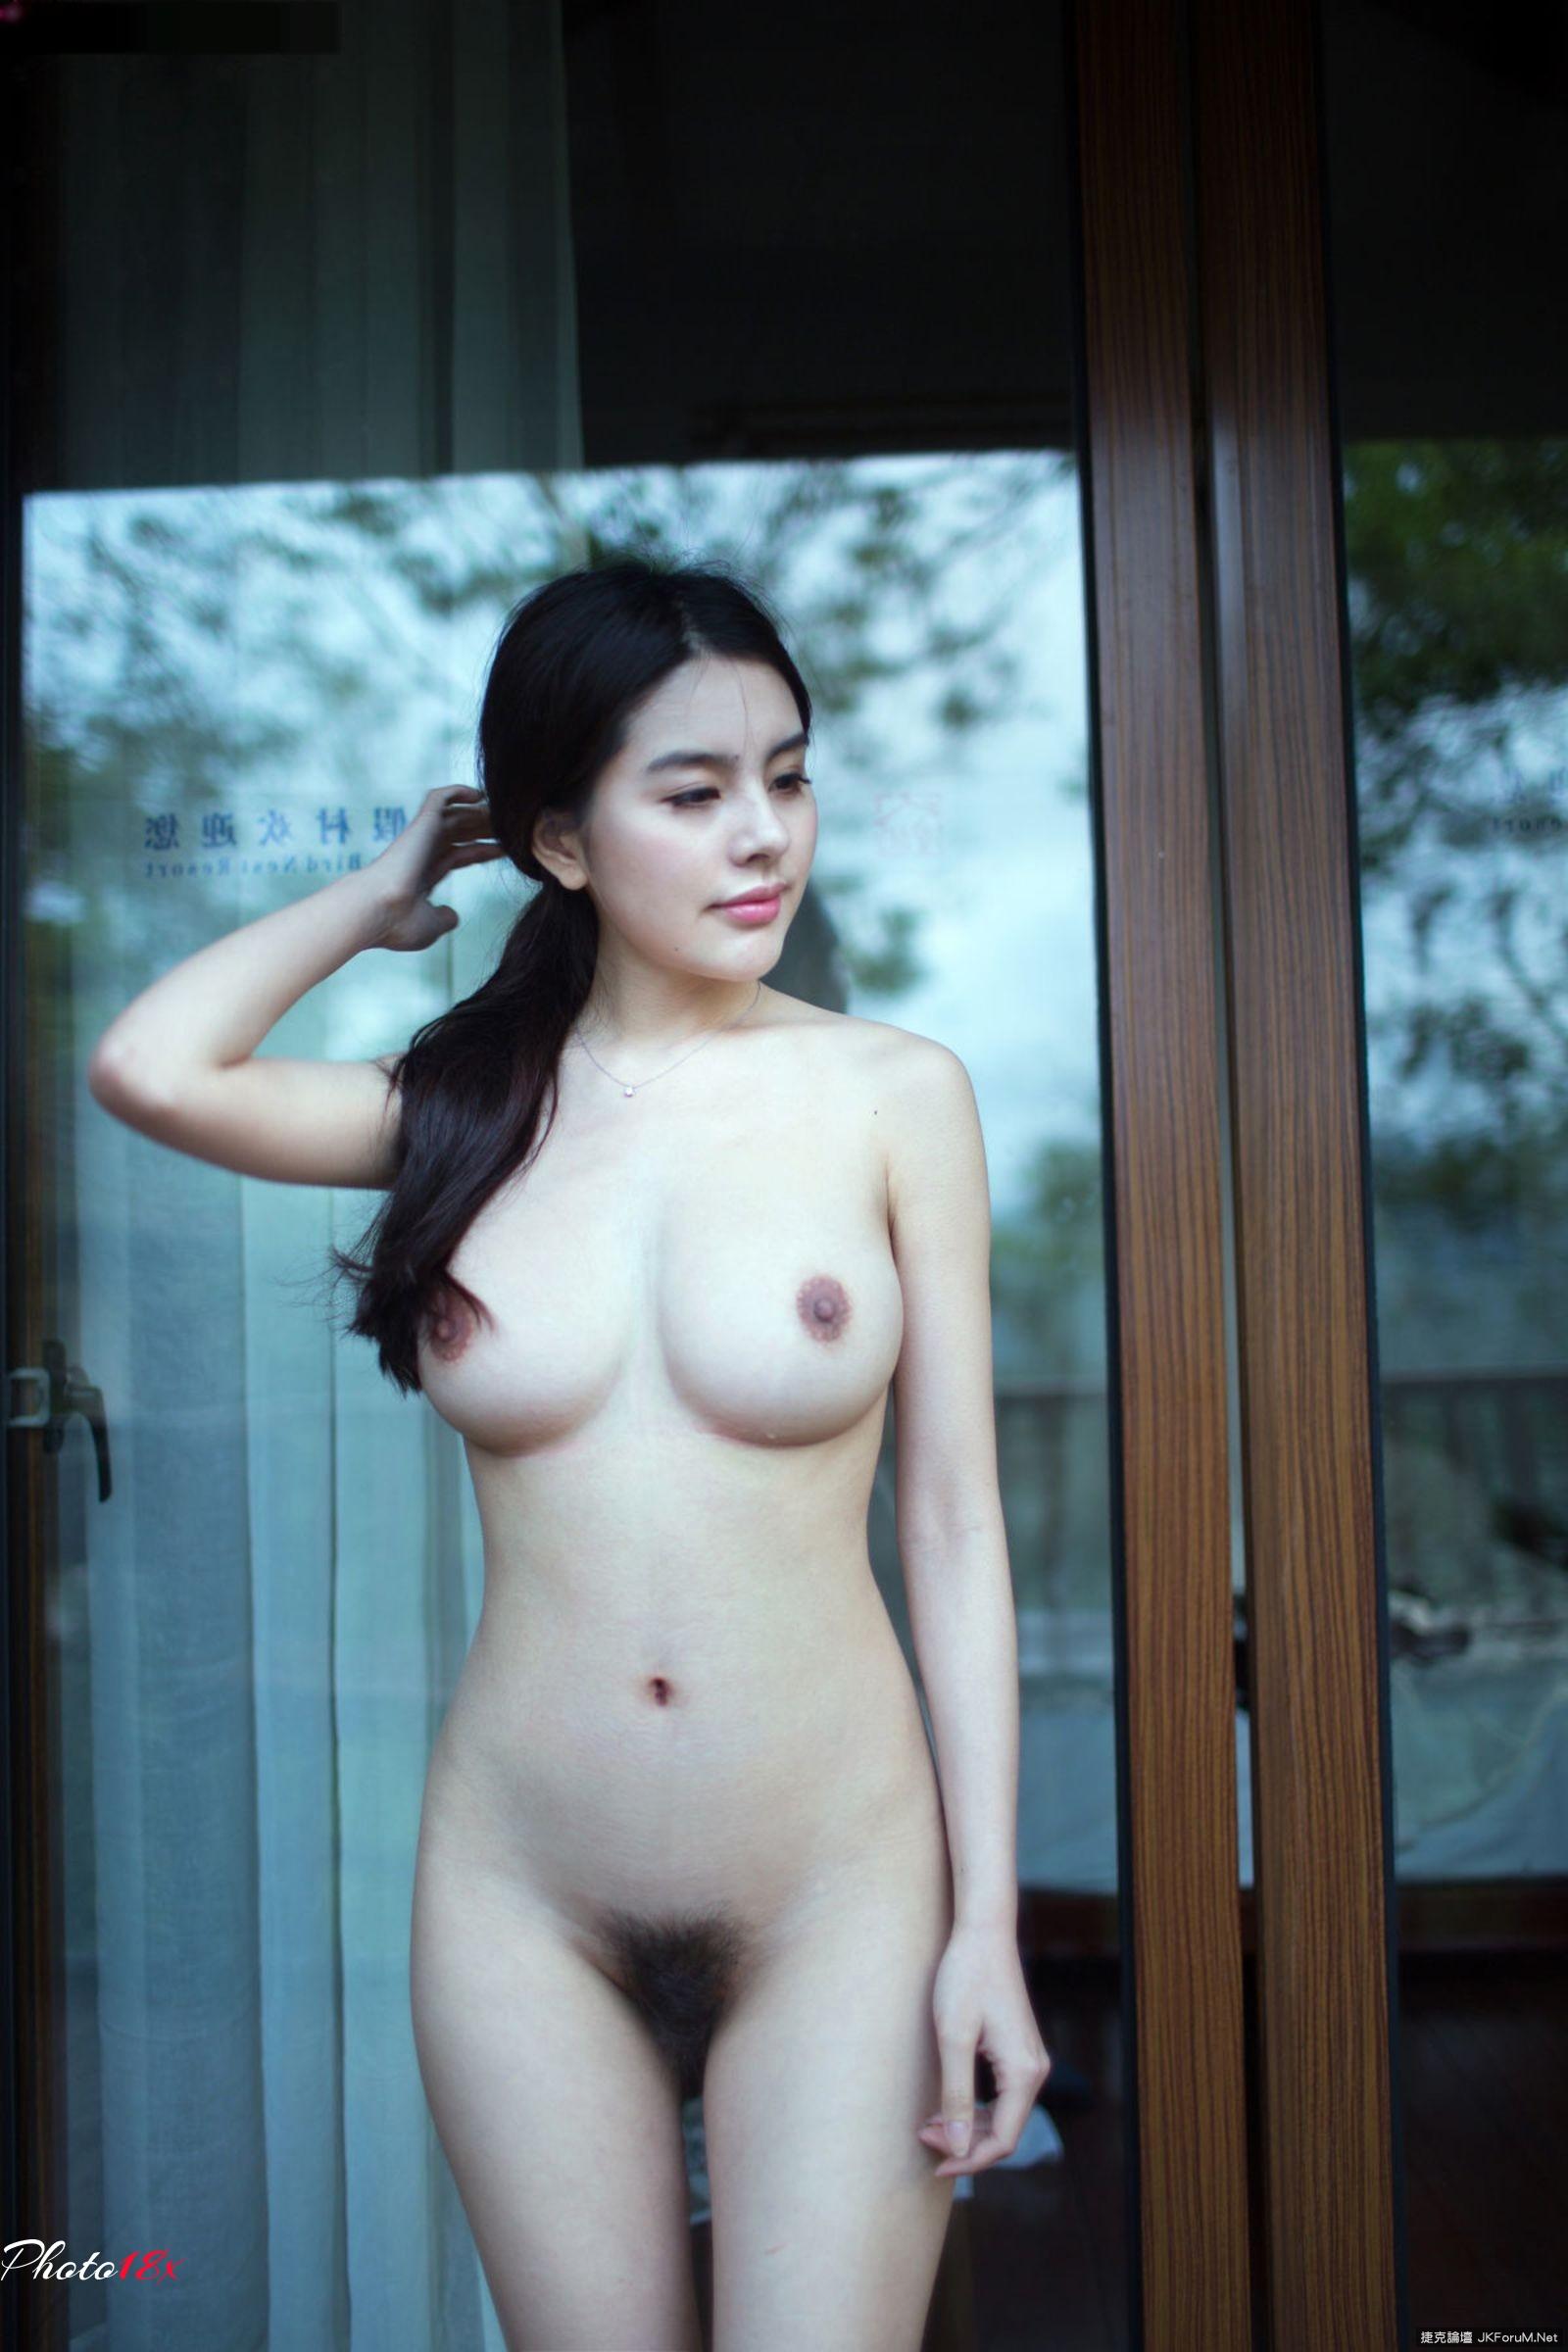 ... Yi Bugil Tanpa Sensor | KUMPULAN VIDEO BOKEP SEX DEWASA DAN FOTO BUGIL